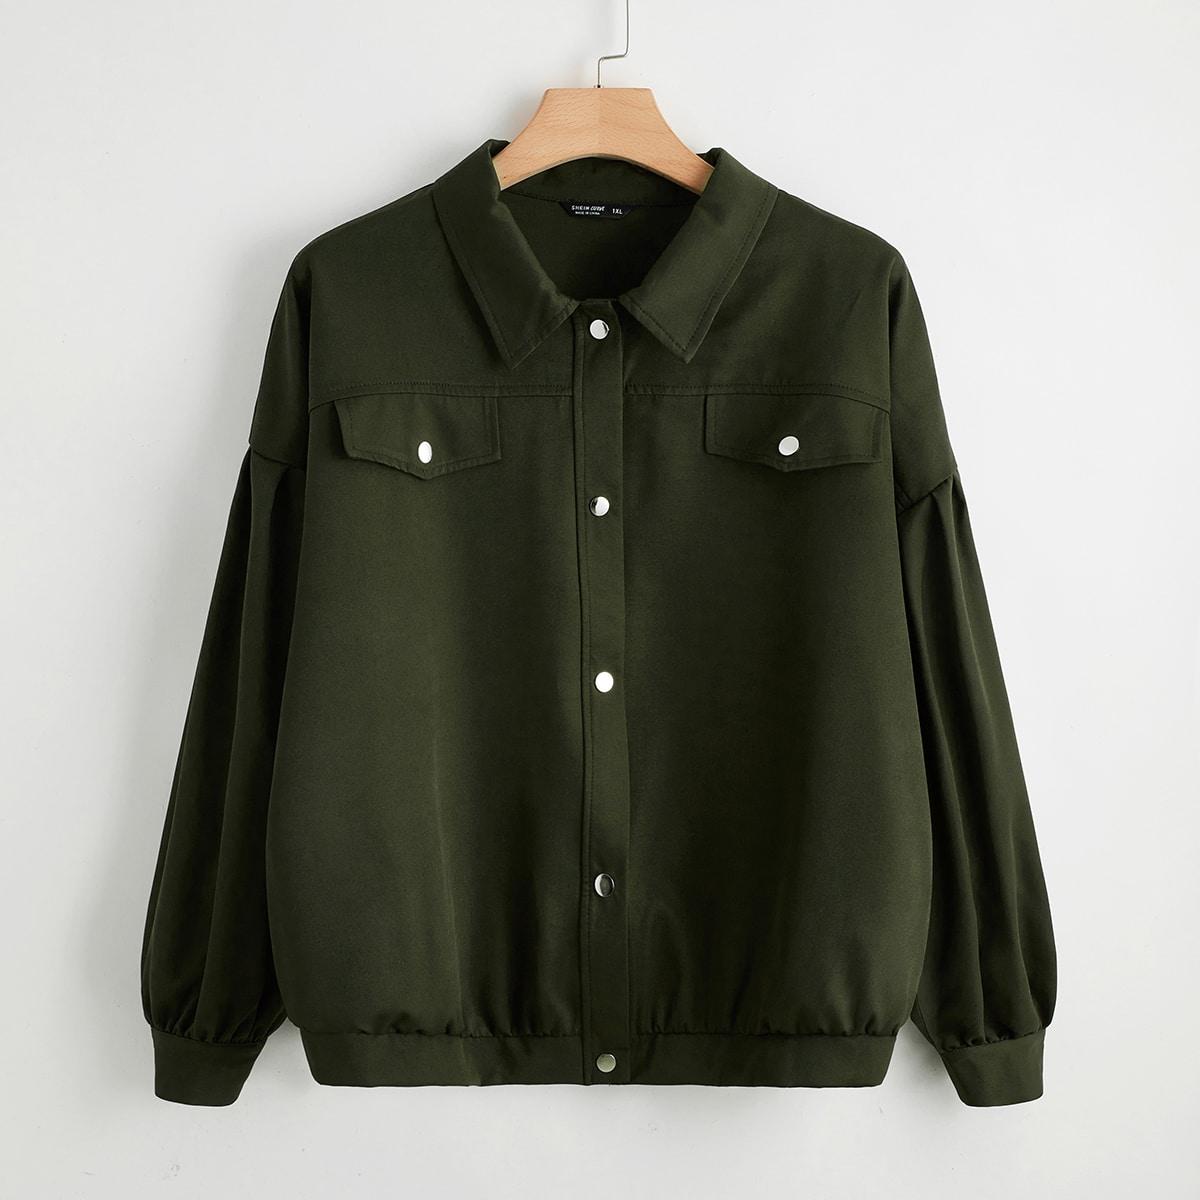 Однобортный одноцветный повседневный куртки размер плюс